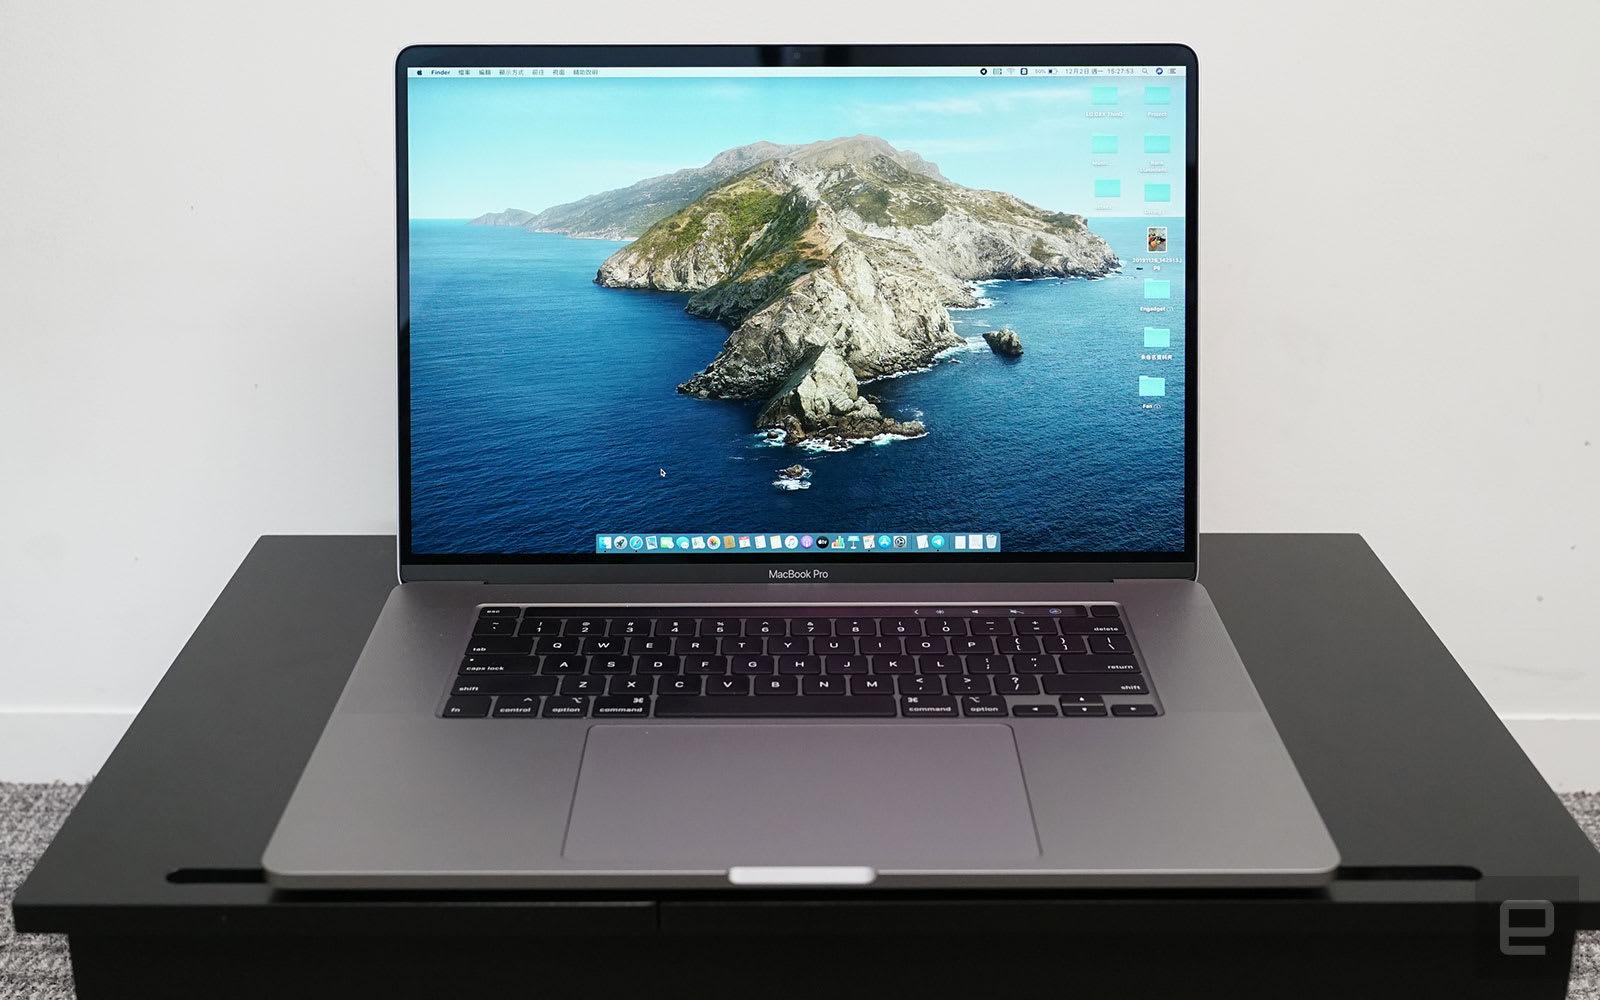 MacBook Pro 16 吋评测